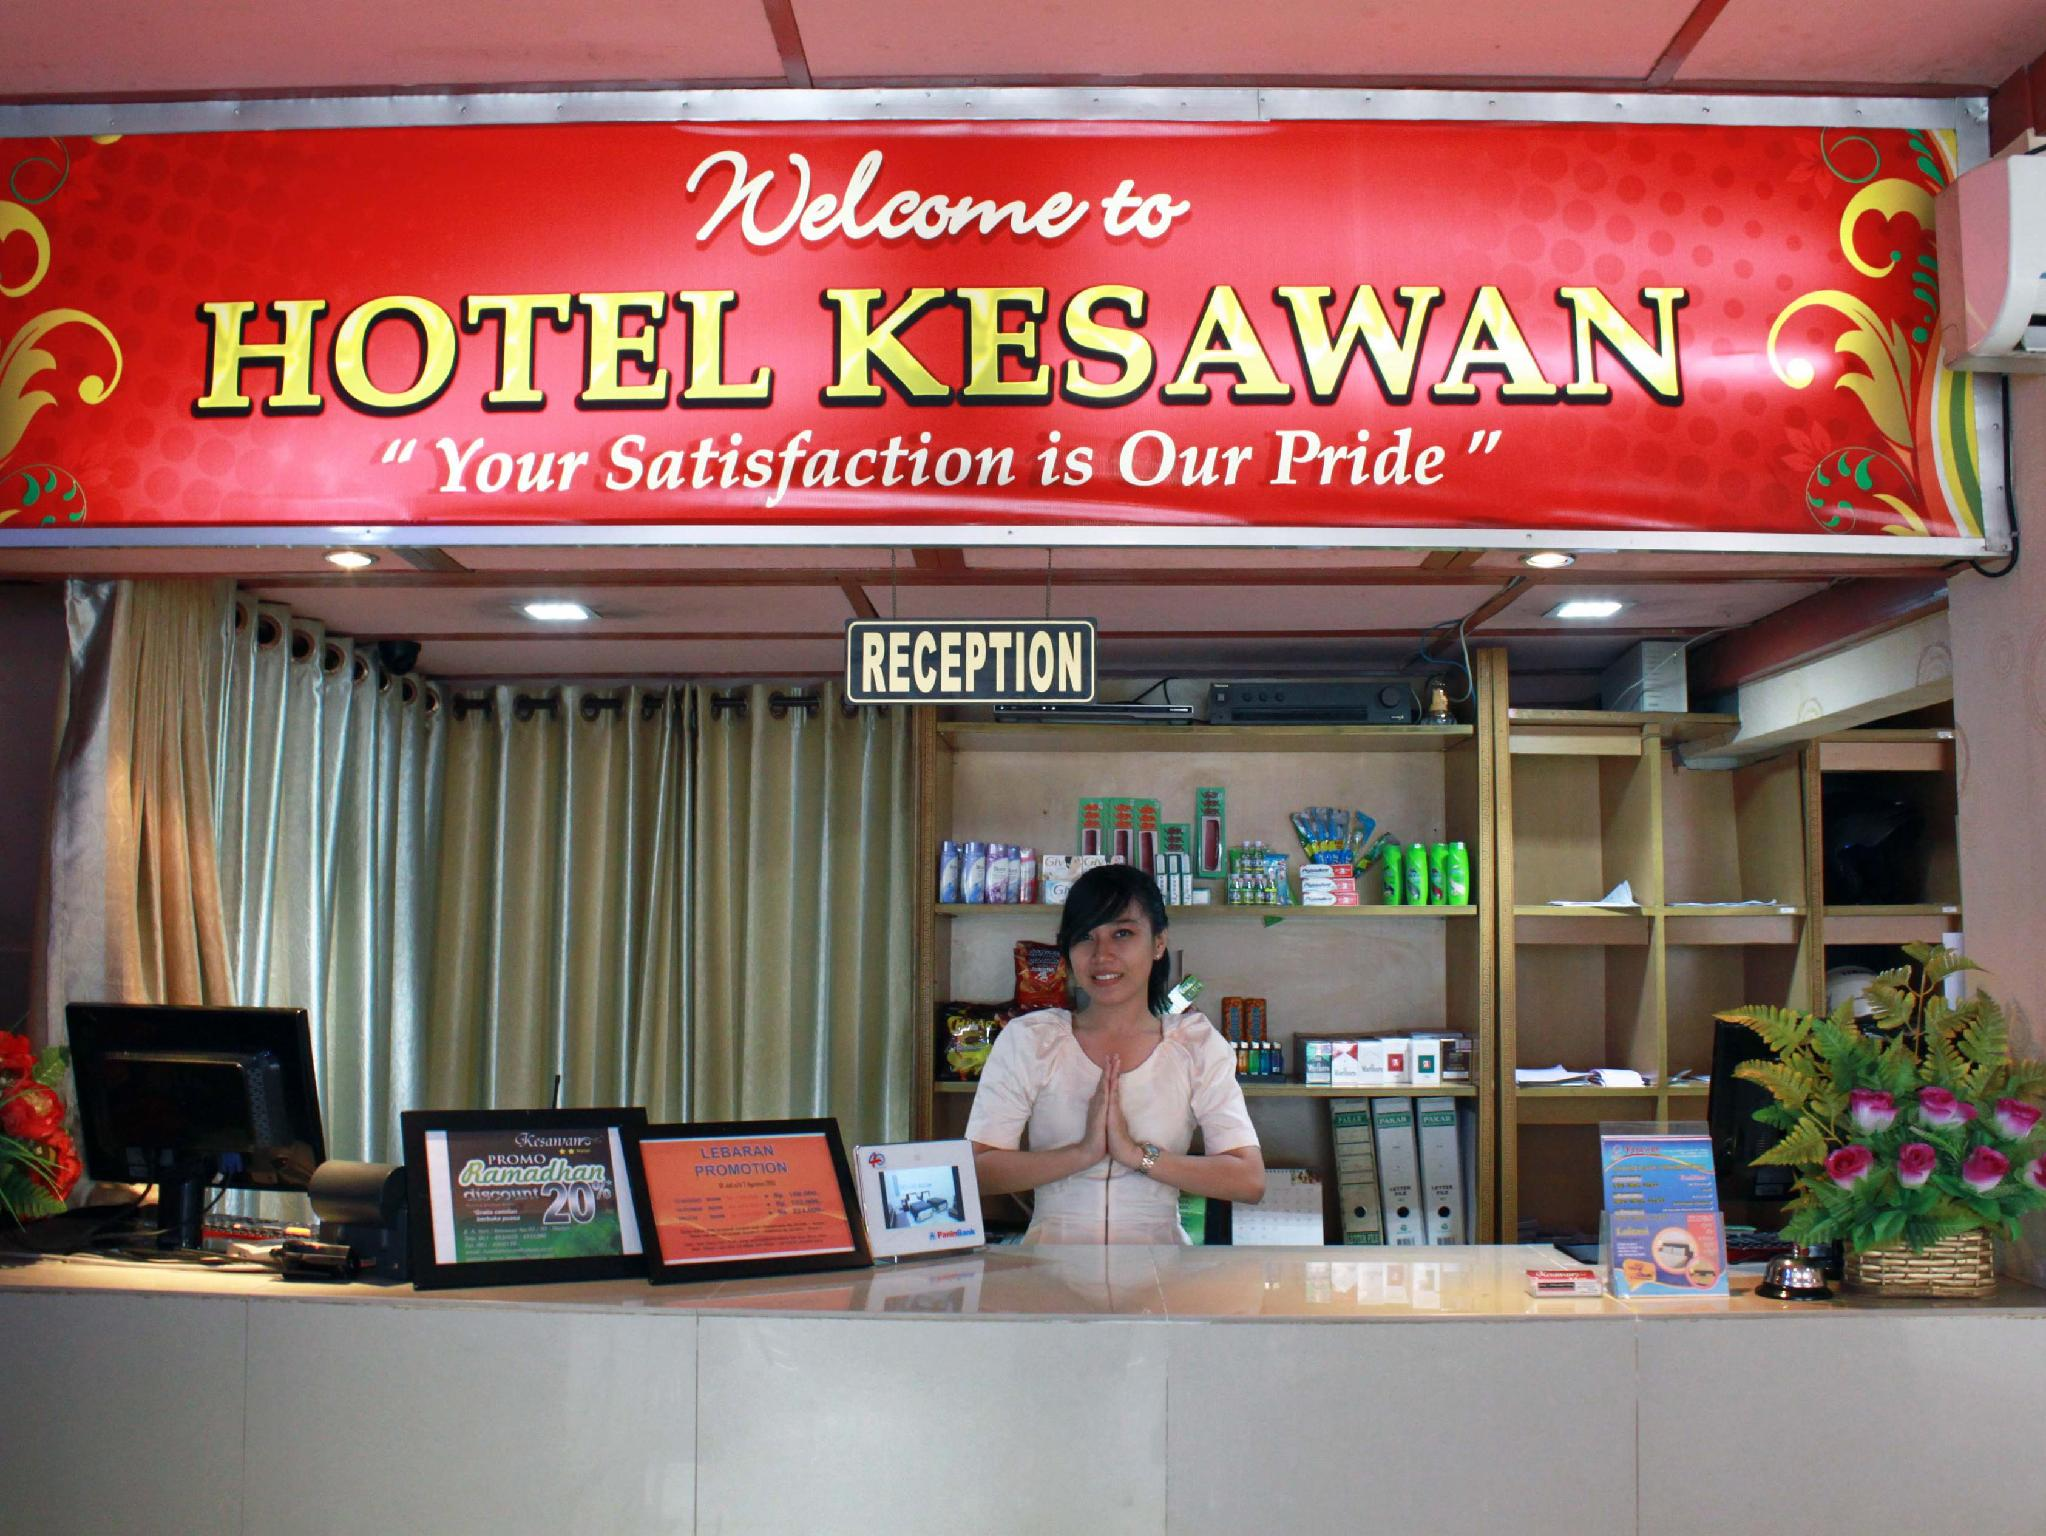 凯萨文酒店